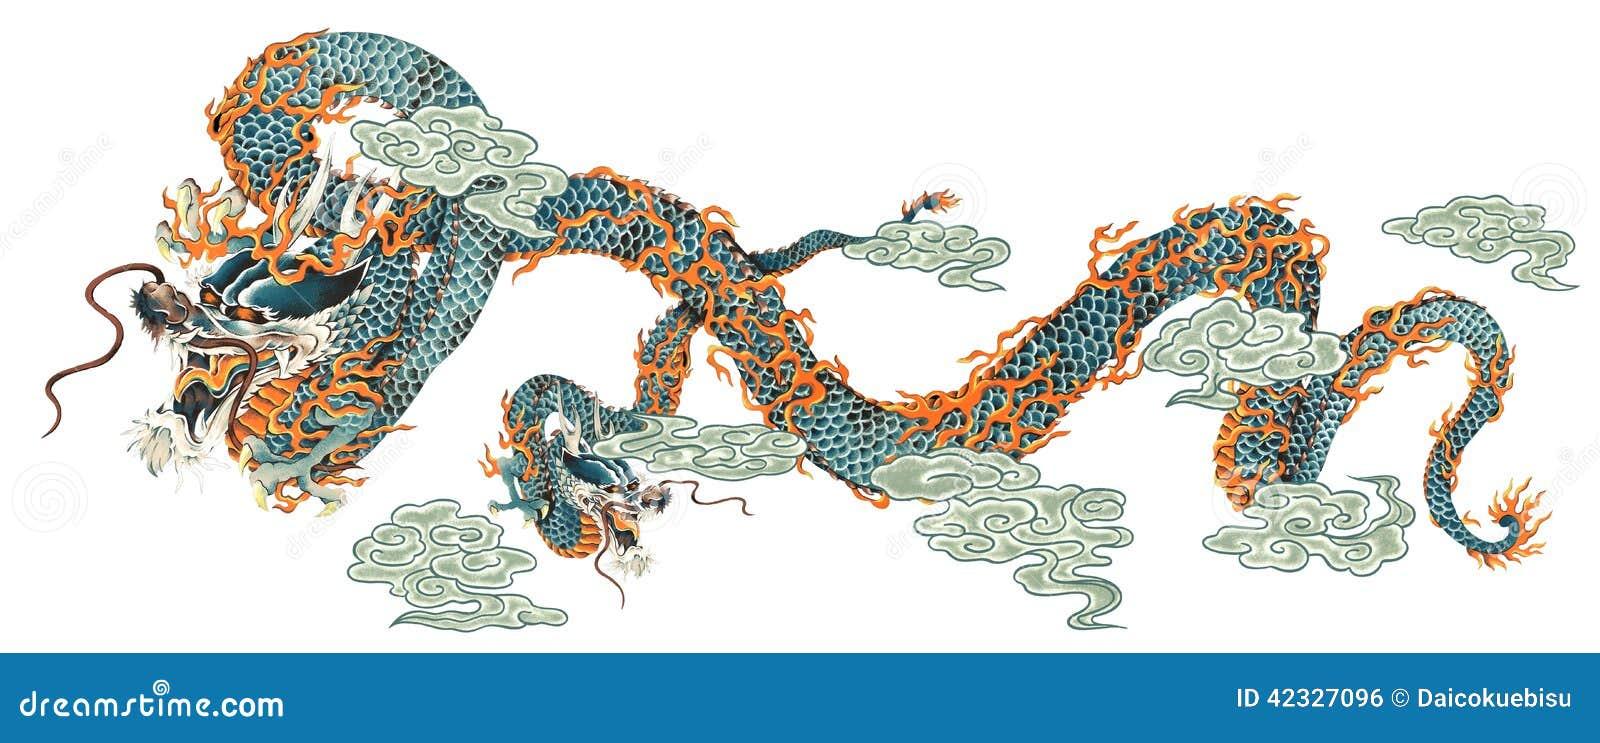 Dragón japonés ilustración del vector. Ilustración de feroz - 42406720